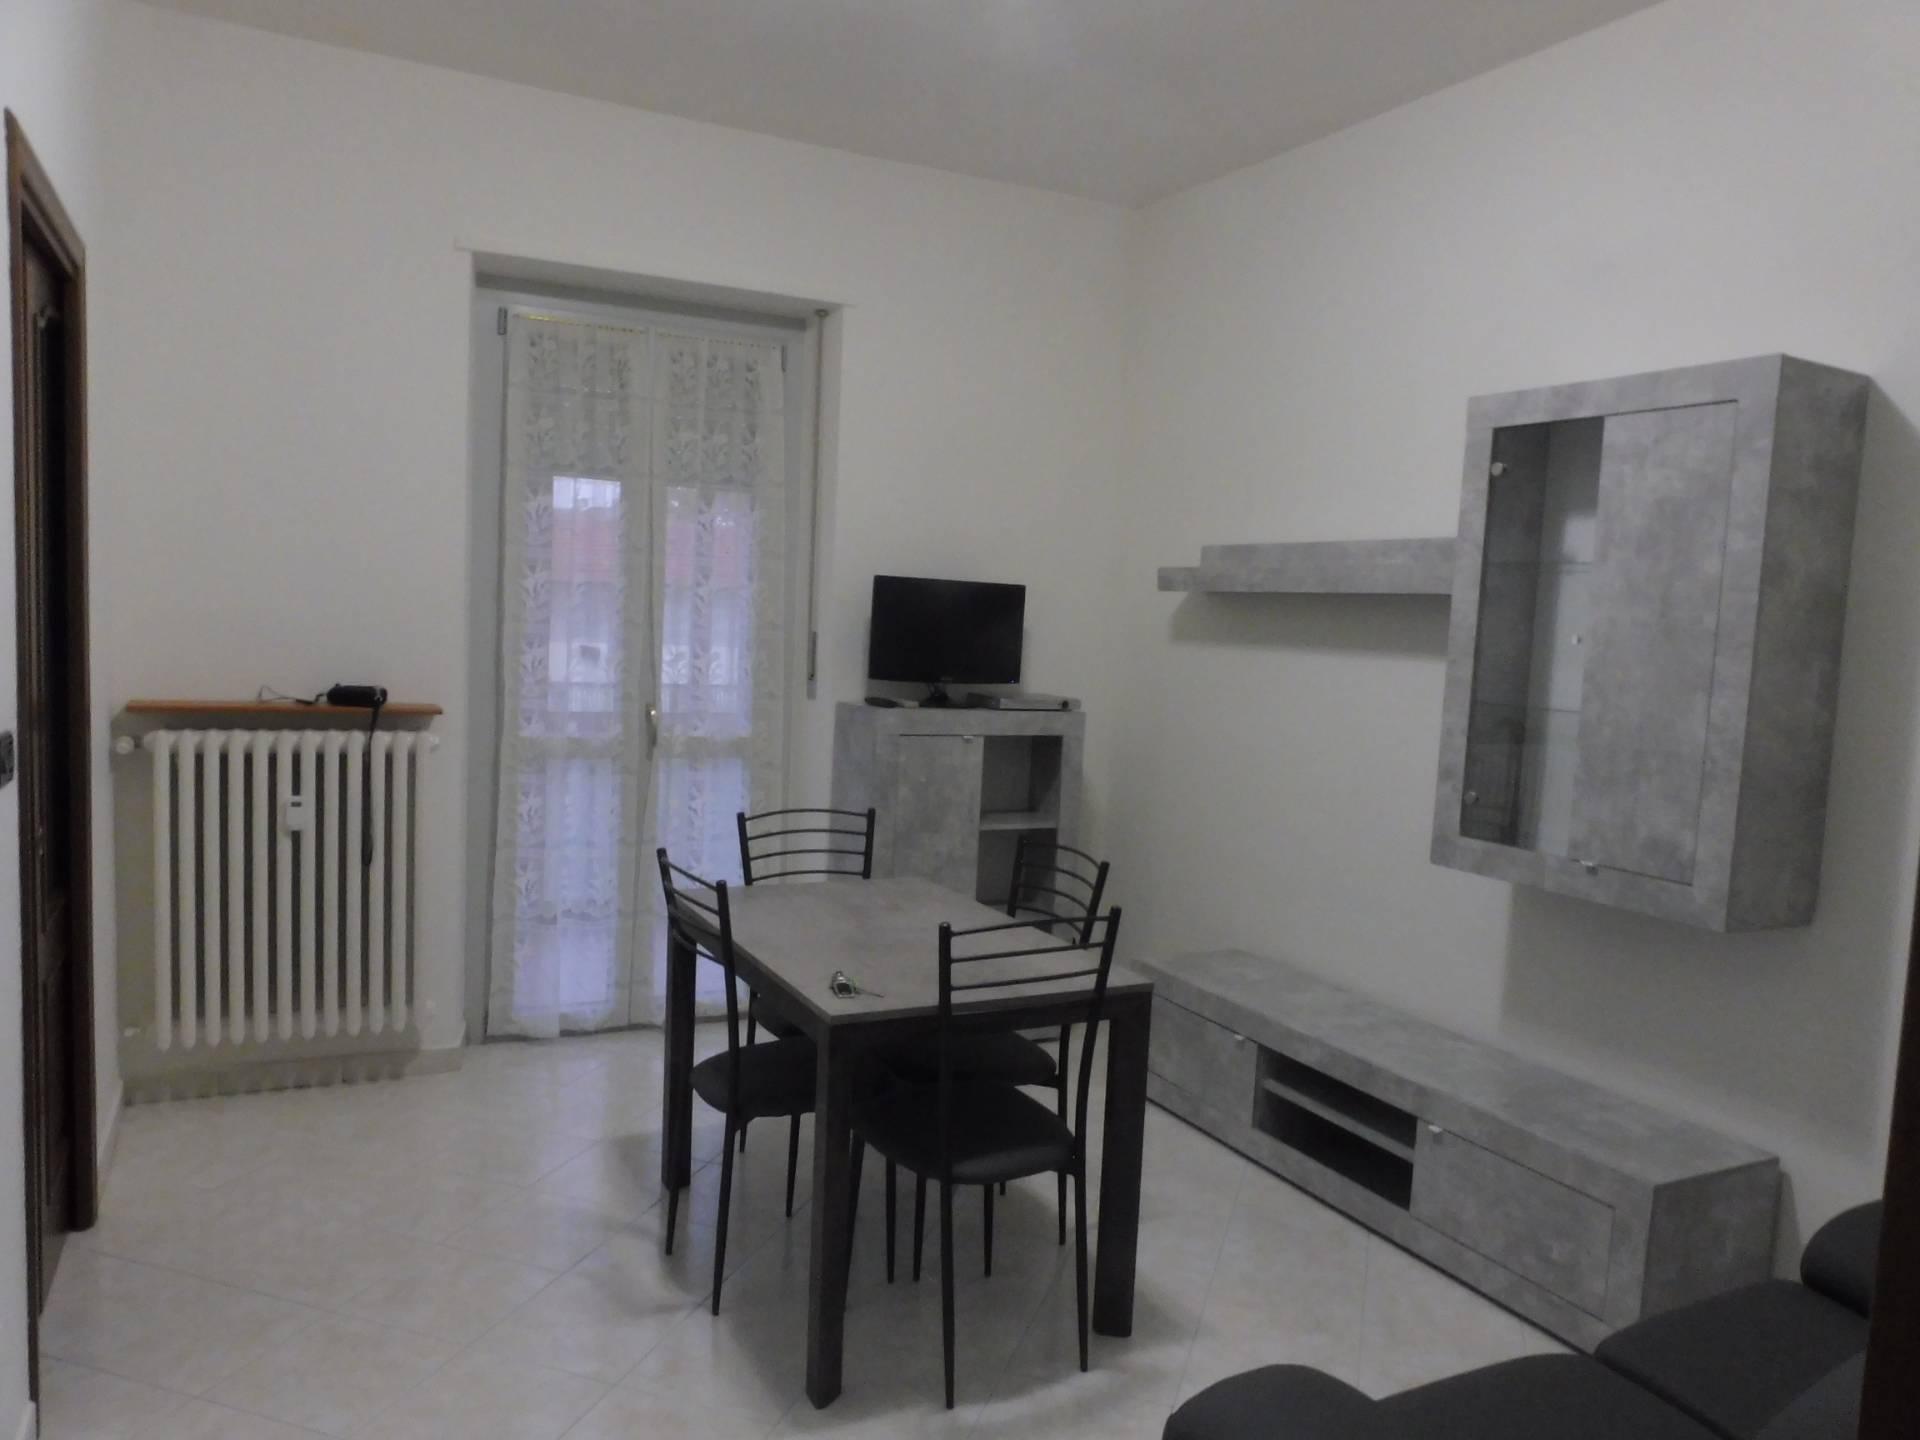 Appartamento in affitto a Collegno, 2 locali, zona Località: Centro-S.aMaria, prezzo € 420 | CambioCasa.it